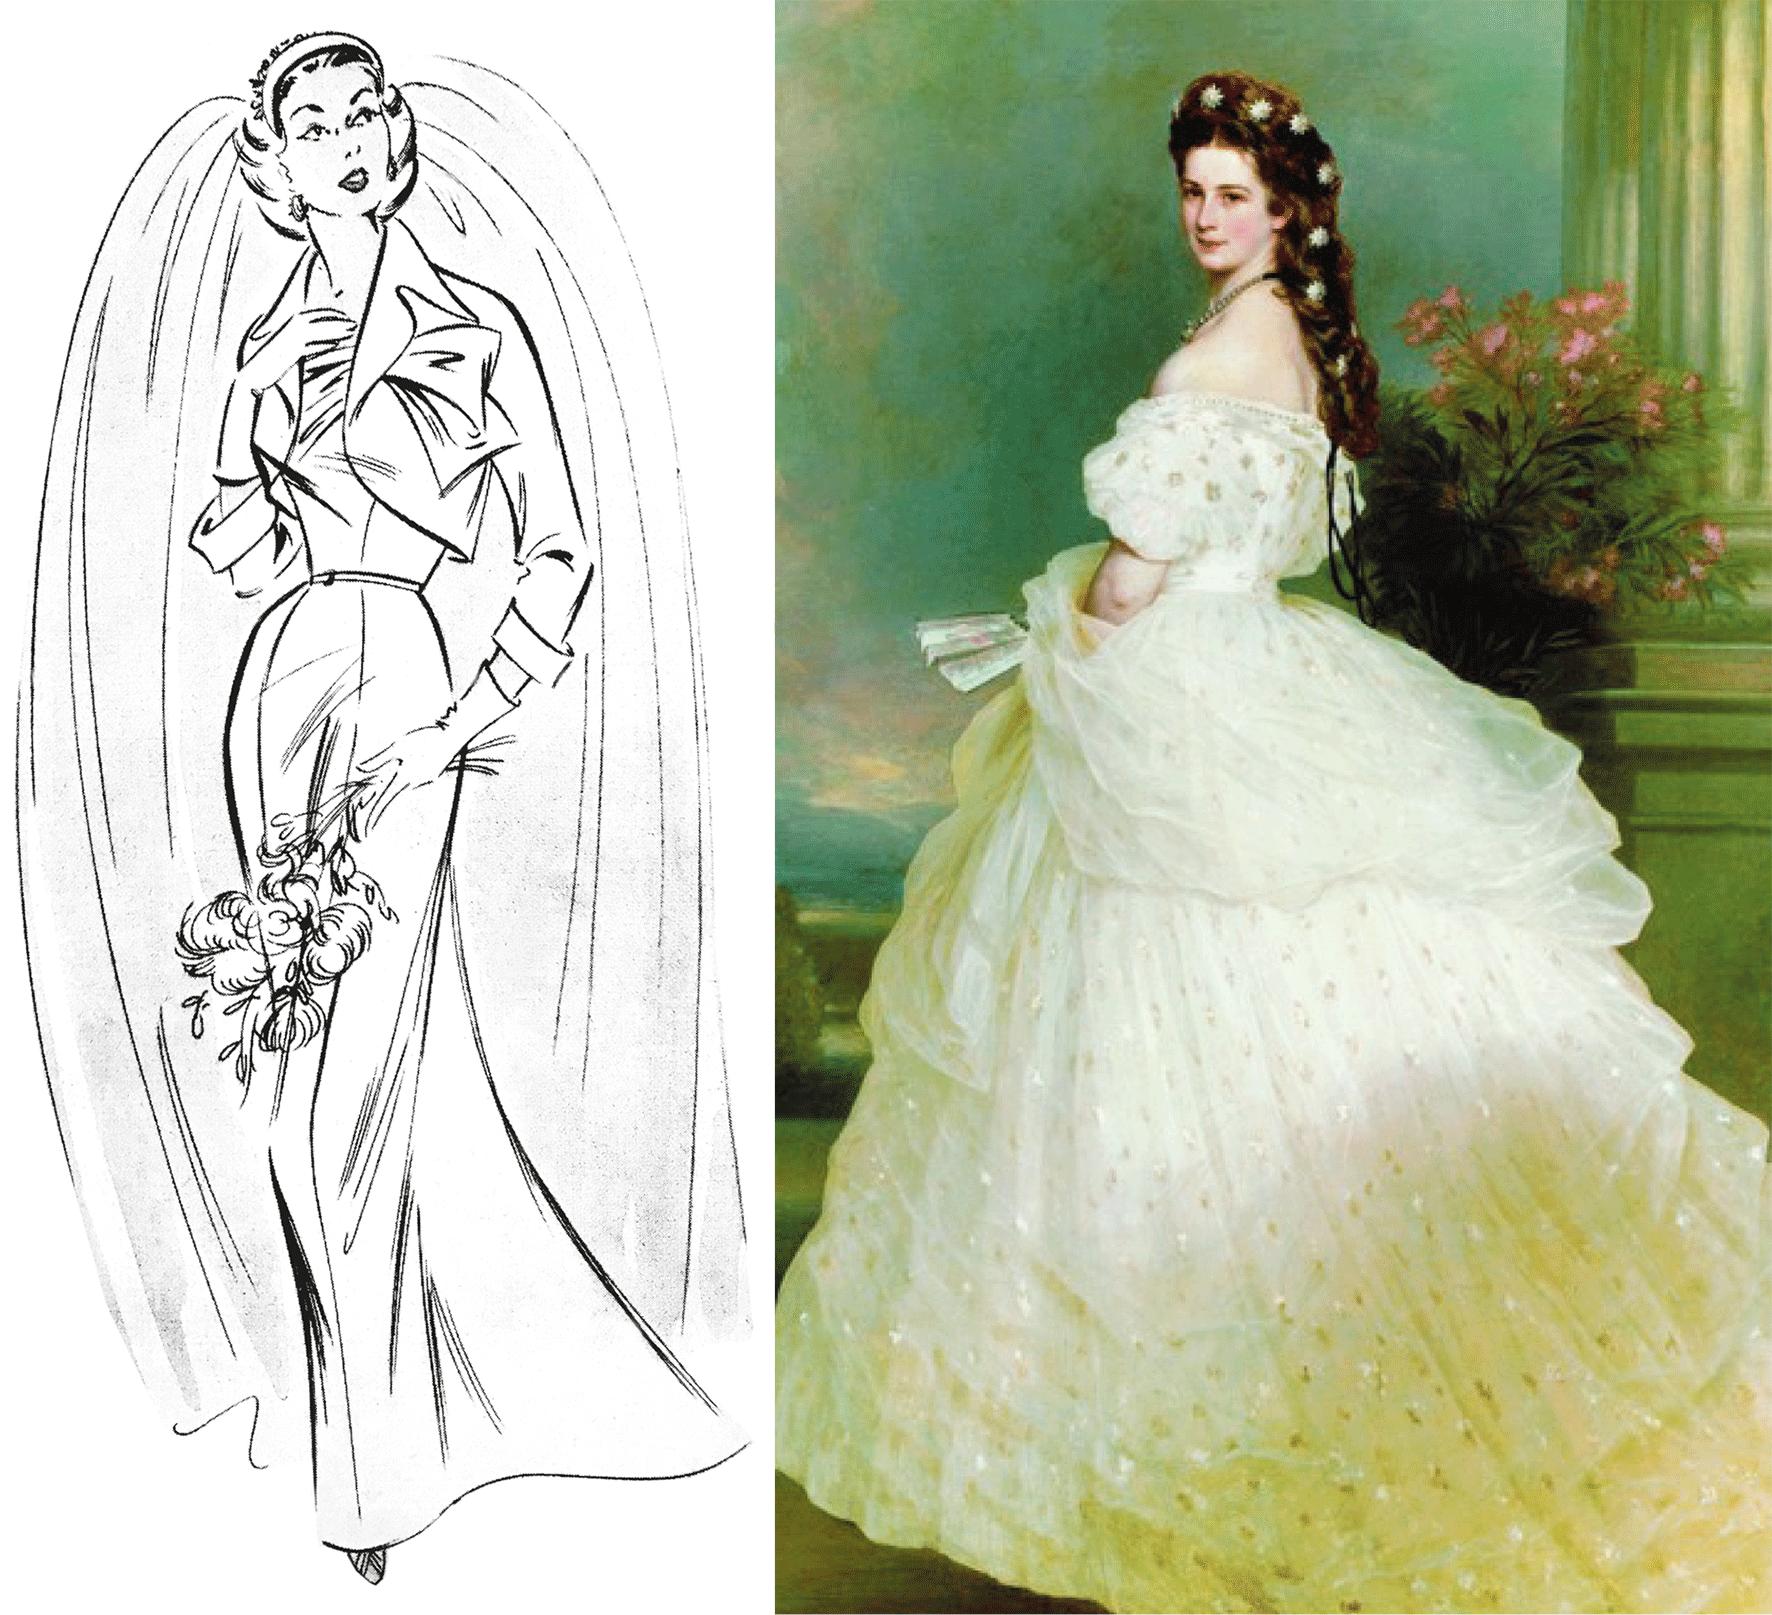 Abbildung von historischen Brautkleider